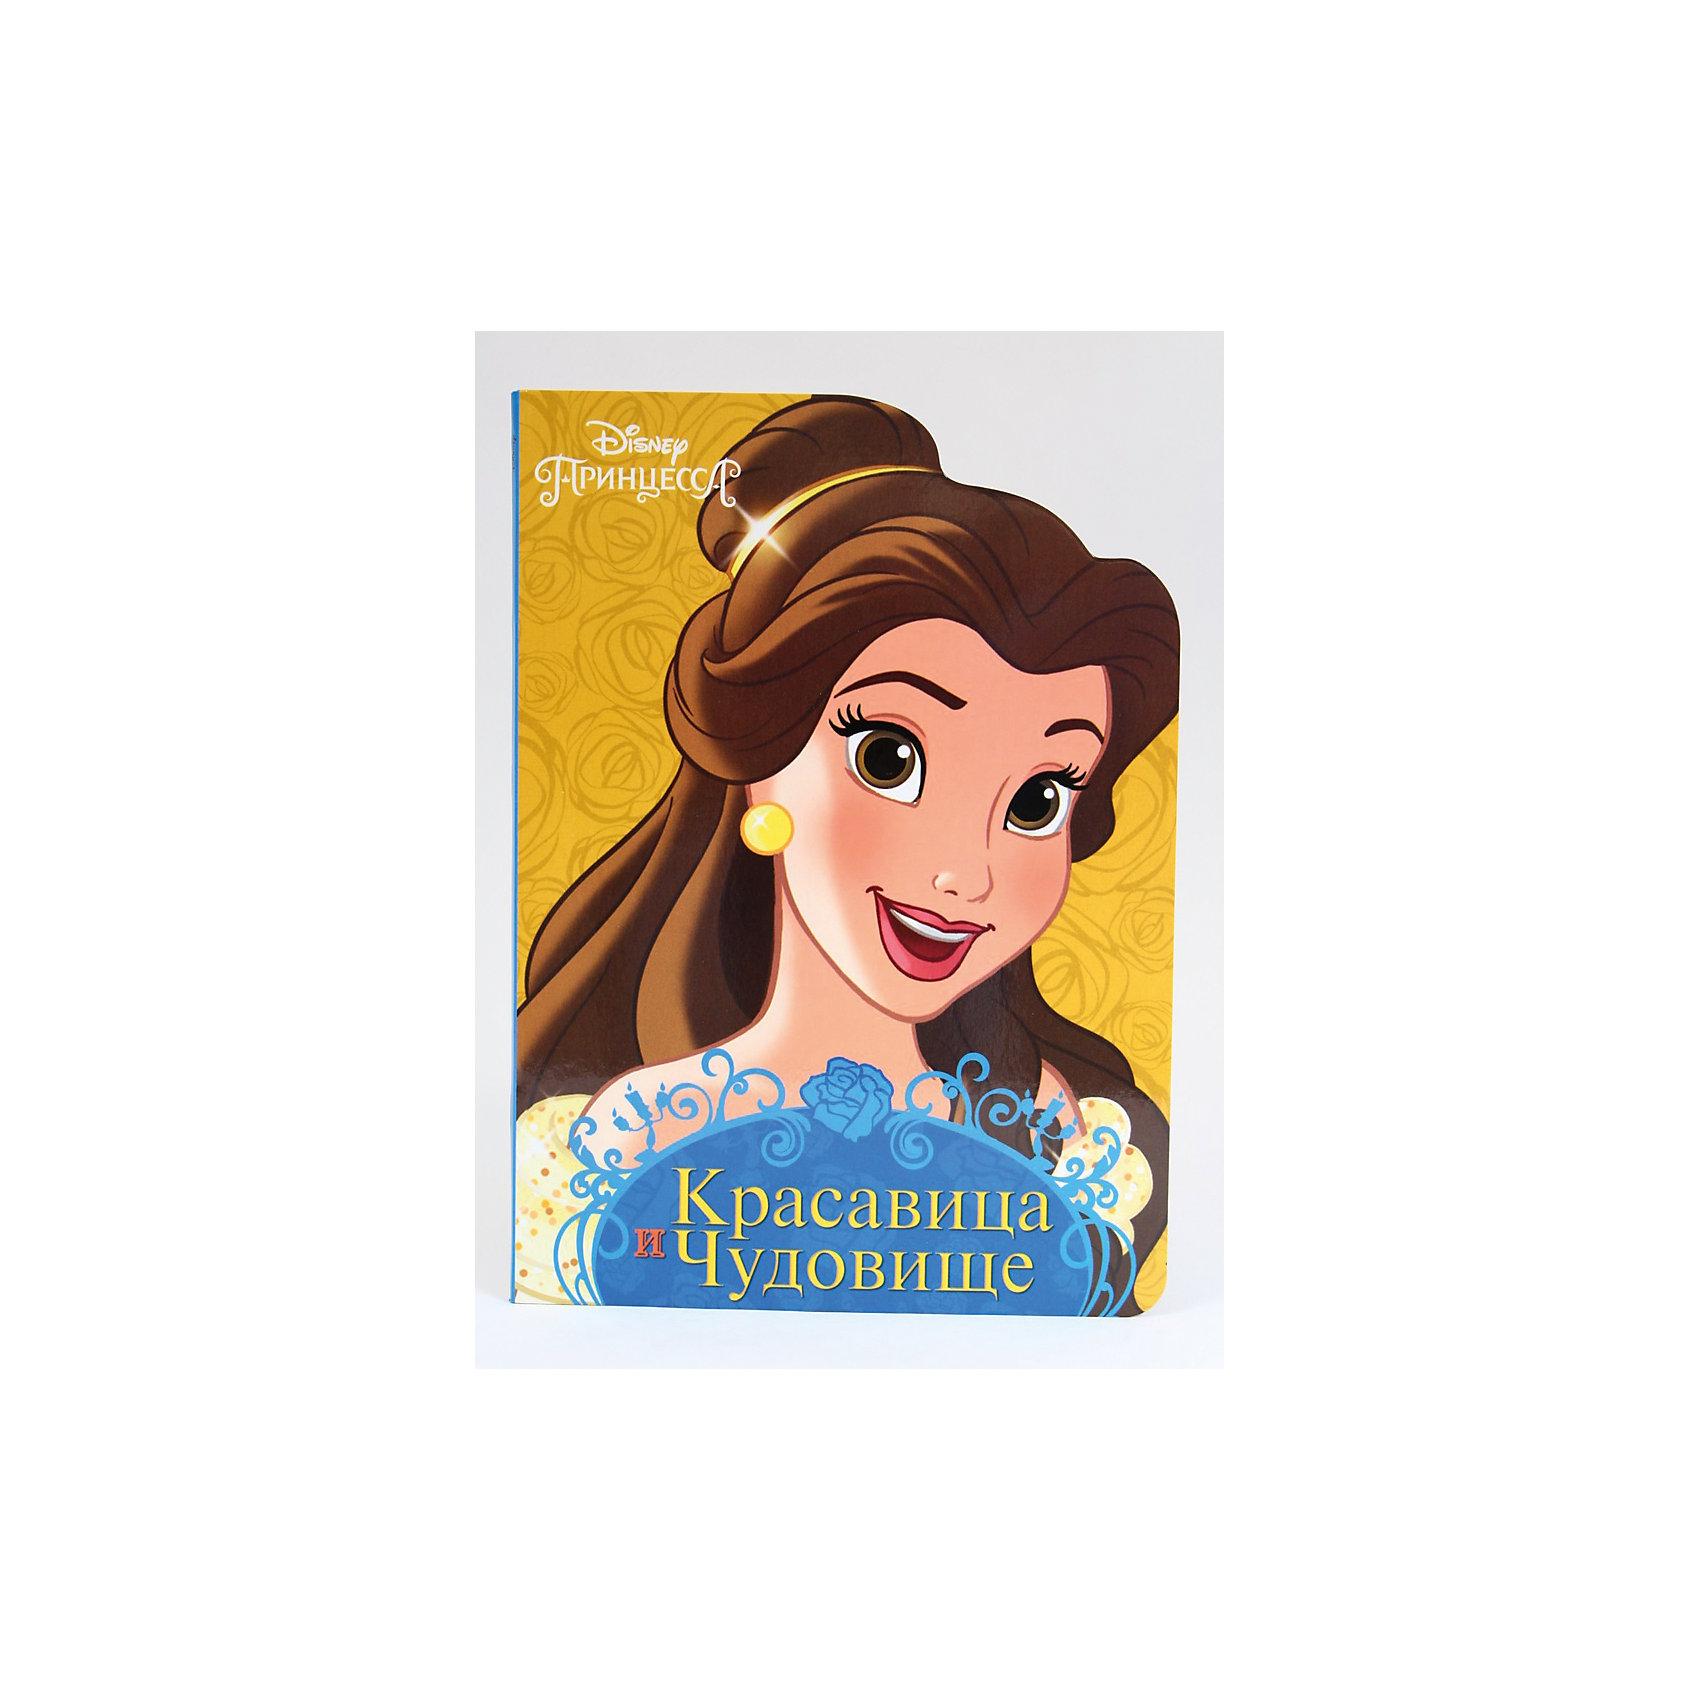 Книга Вырубка. Красавица и чудовище, DisneyКнига Вырубка. Красавица и чудовище, Disney.<br><br>Характеристики:<br><br>• Издательство: Проф-Пресс, 2017 г.<br>• Серия: Disney. Вырубка. Принцессы<br>• Тип обложки: картонная обложка<br>• Оформление: вырубка<br>• Иллюстрации: цветные<br>• Количество страниц: 10 (картон)<br>• Размер: 220x157x4 мм.<br>• Вес: 128 гр.<br>• ISBN: 9785378268184<br><br>Любимые герои Disney снова с нами! Отправившись на поиски отца, прекрасная Белль оказалась в замке Чудовища. Какую тайну скрывает его хозяин? Читайте об этом на страницах новой серии книг с вырубкой! Для чтения взрослыми детям.<br><br>Книгу Вырубка. Красавица и чудовище, Disney можно купить в нашем интернет-магазине.<br><br>Ширина мм: 160<br>Глубина мм: 60<br>Высота мм: 220<br>Вес г: 0<br>Возраст от месяцев: 36<br>Возраст до месяцев: 2147483647<br>Пол: Женский<br>Возраст: Детский<br>SKU: 5452252